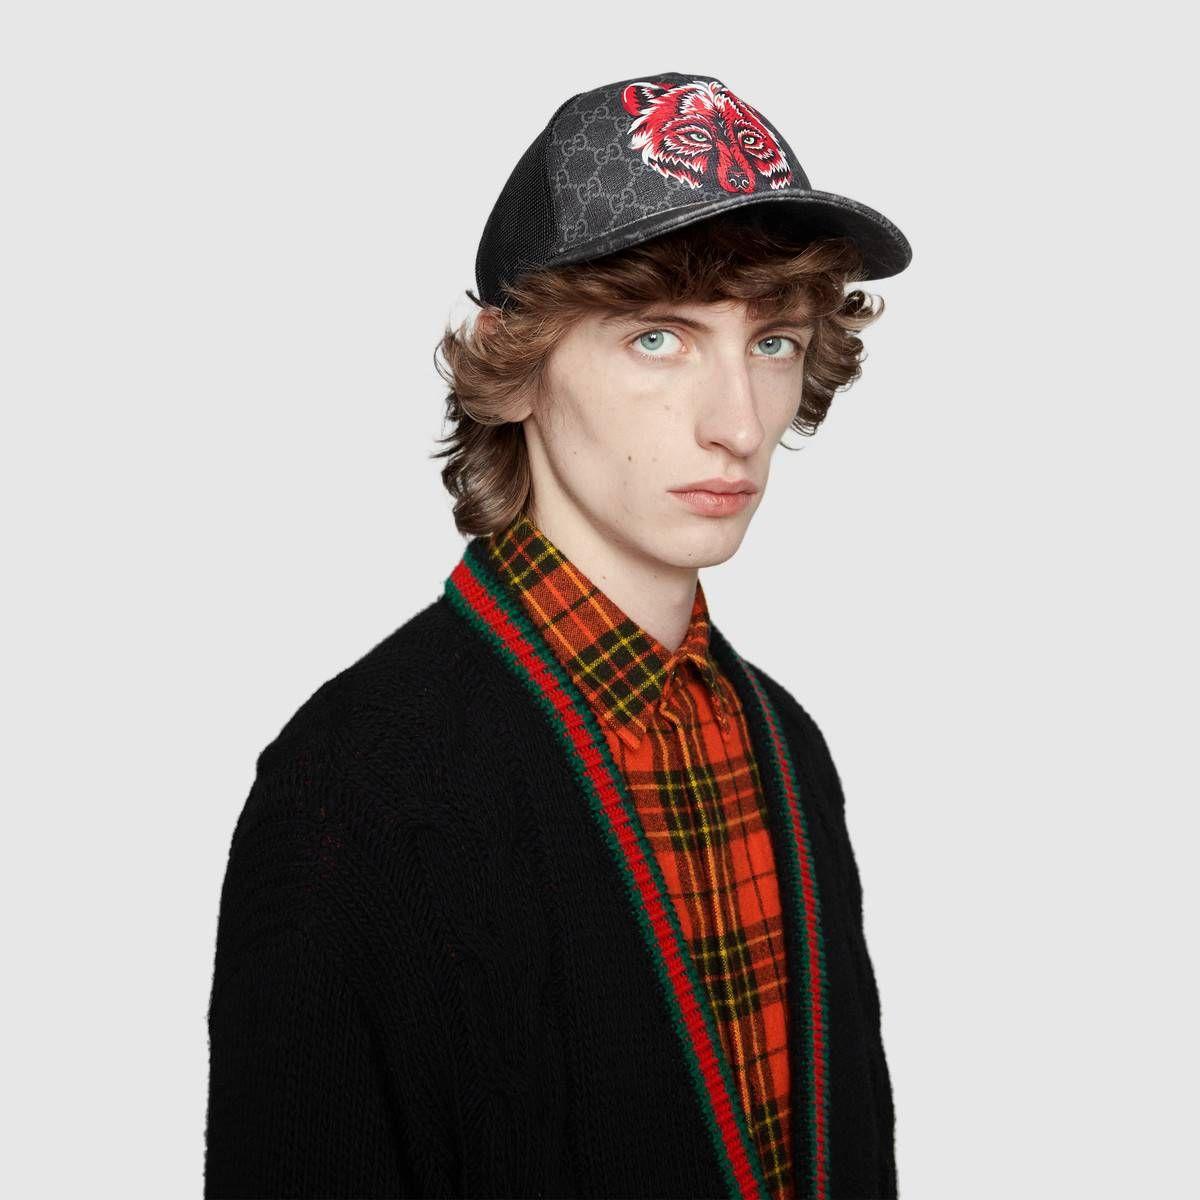 684f7e0816bca GUCCI GG Supreme baseball hat with wolf.  gucci